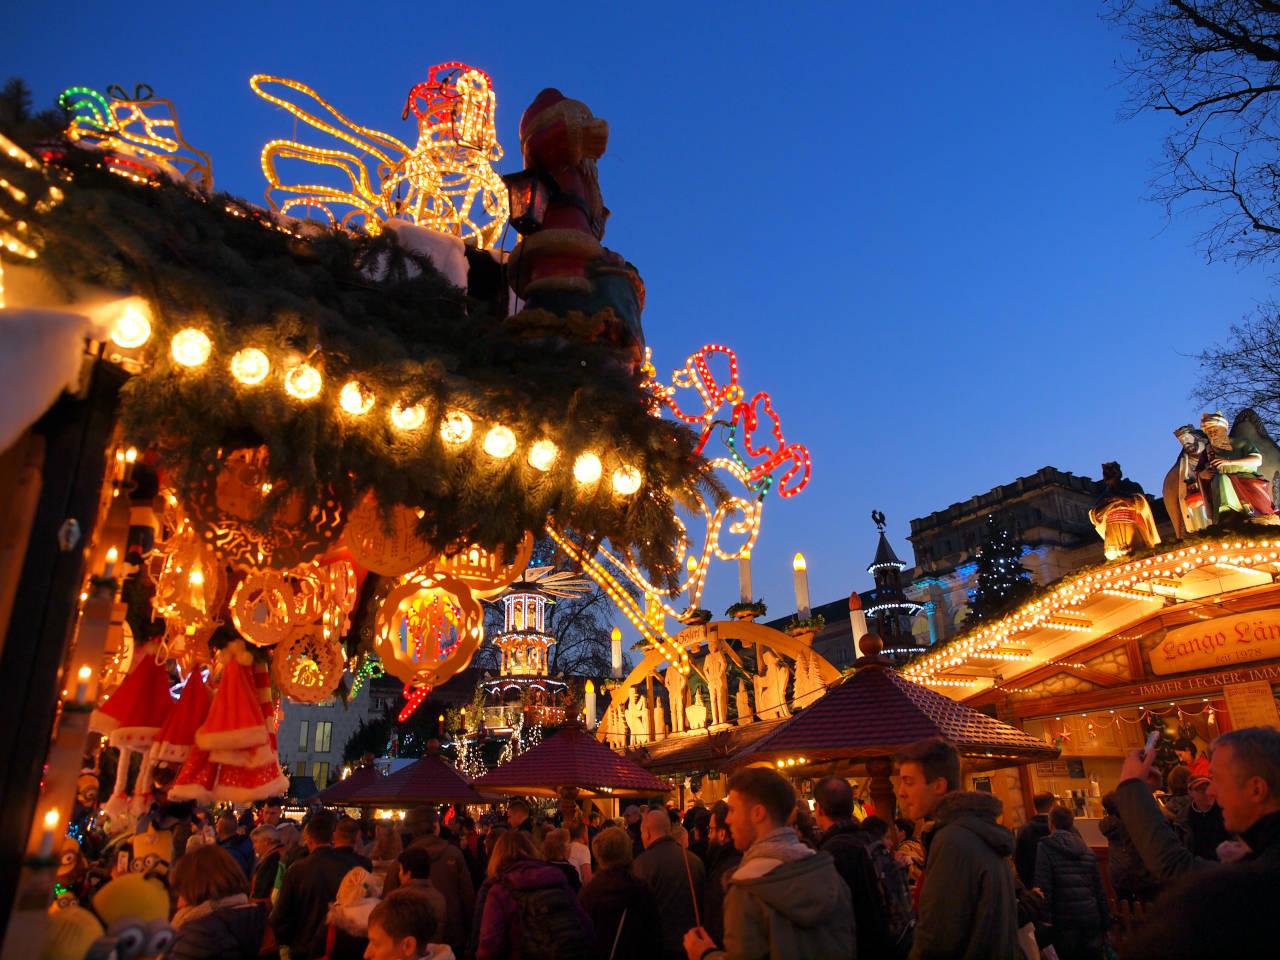 クリスマス市の賑わい、カールスルーエ © Matsuda Masahiro